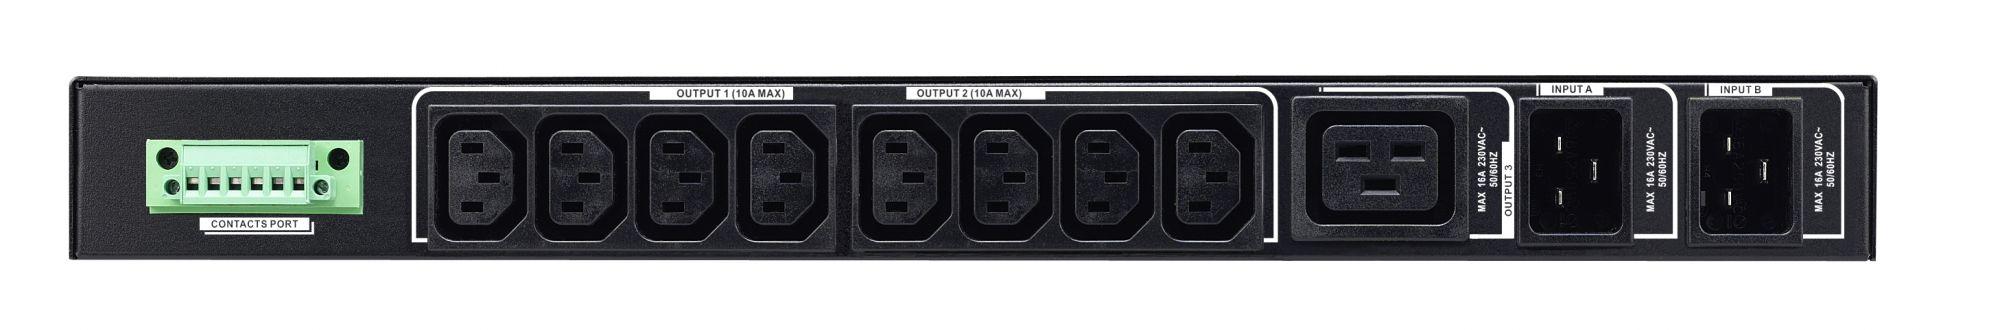 ATS Rear Panel